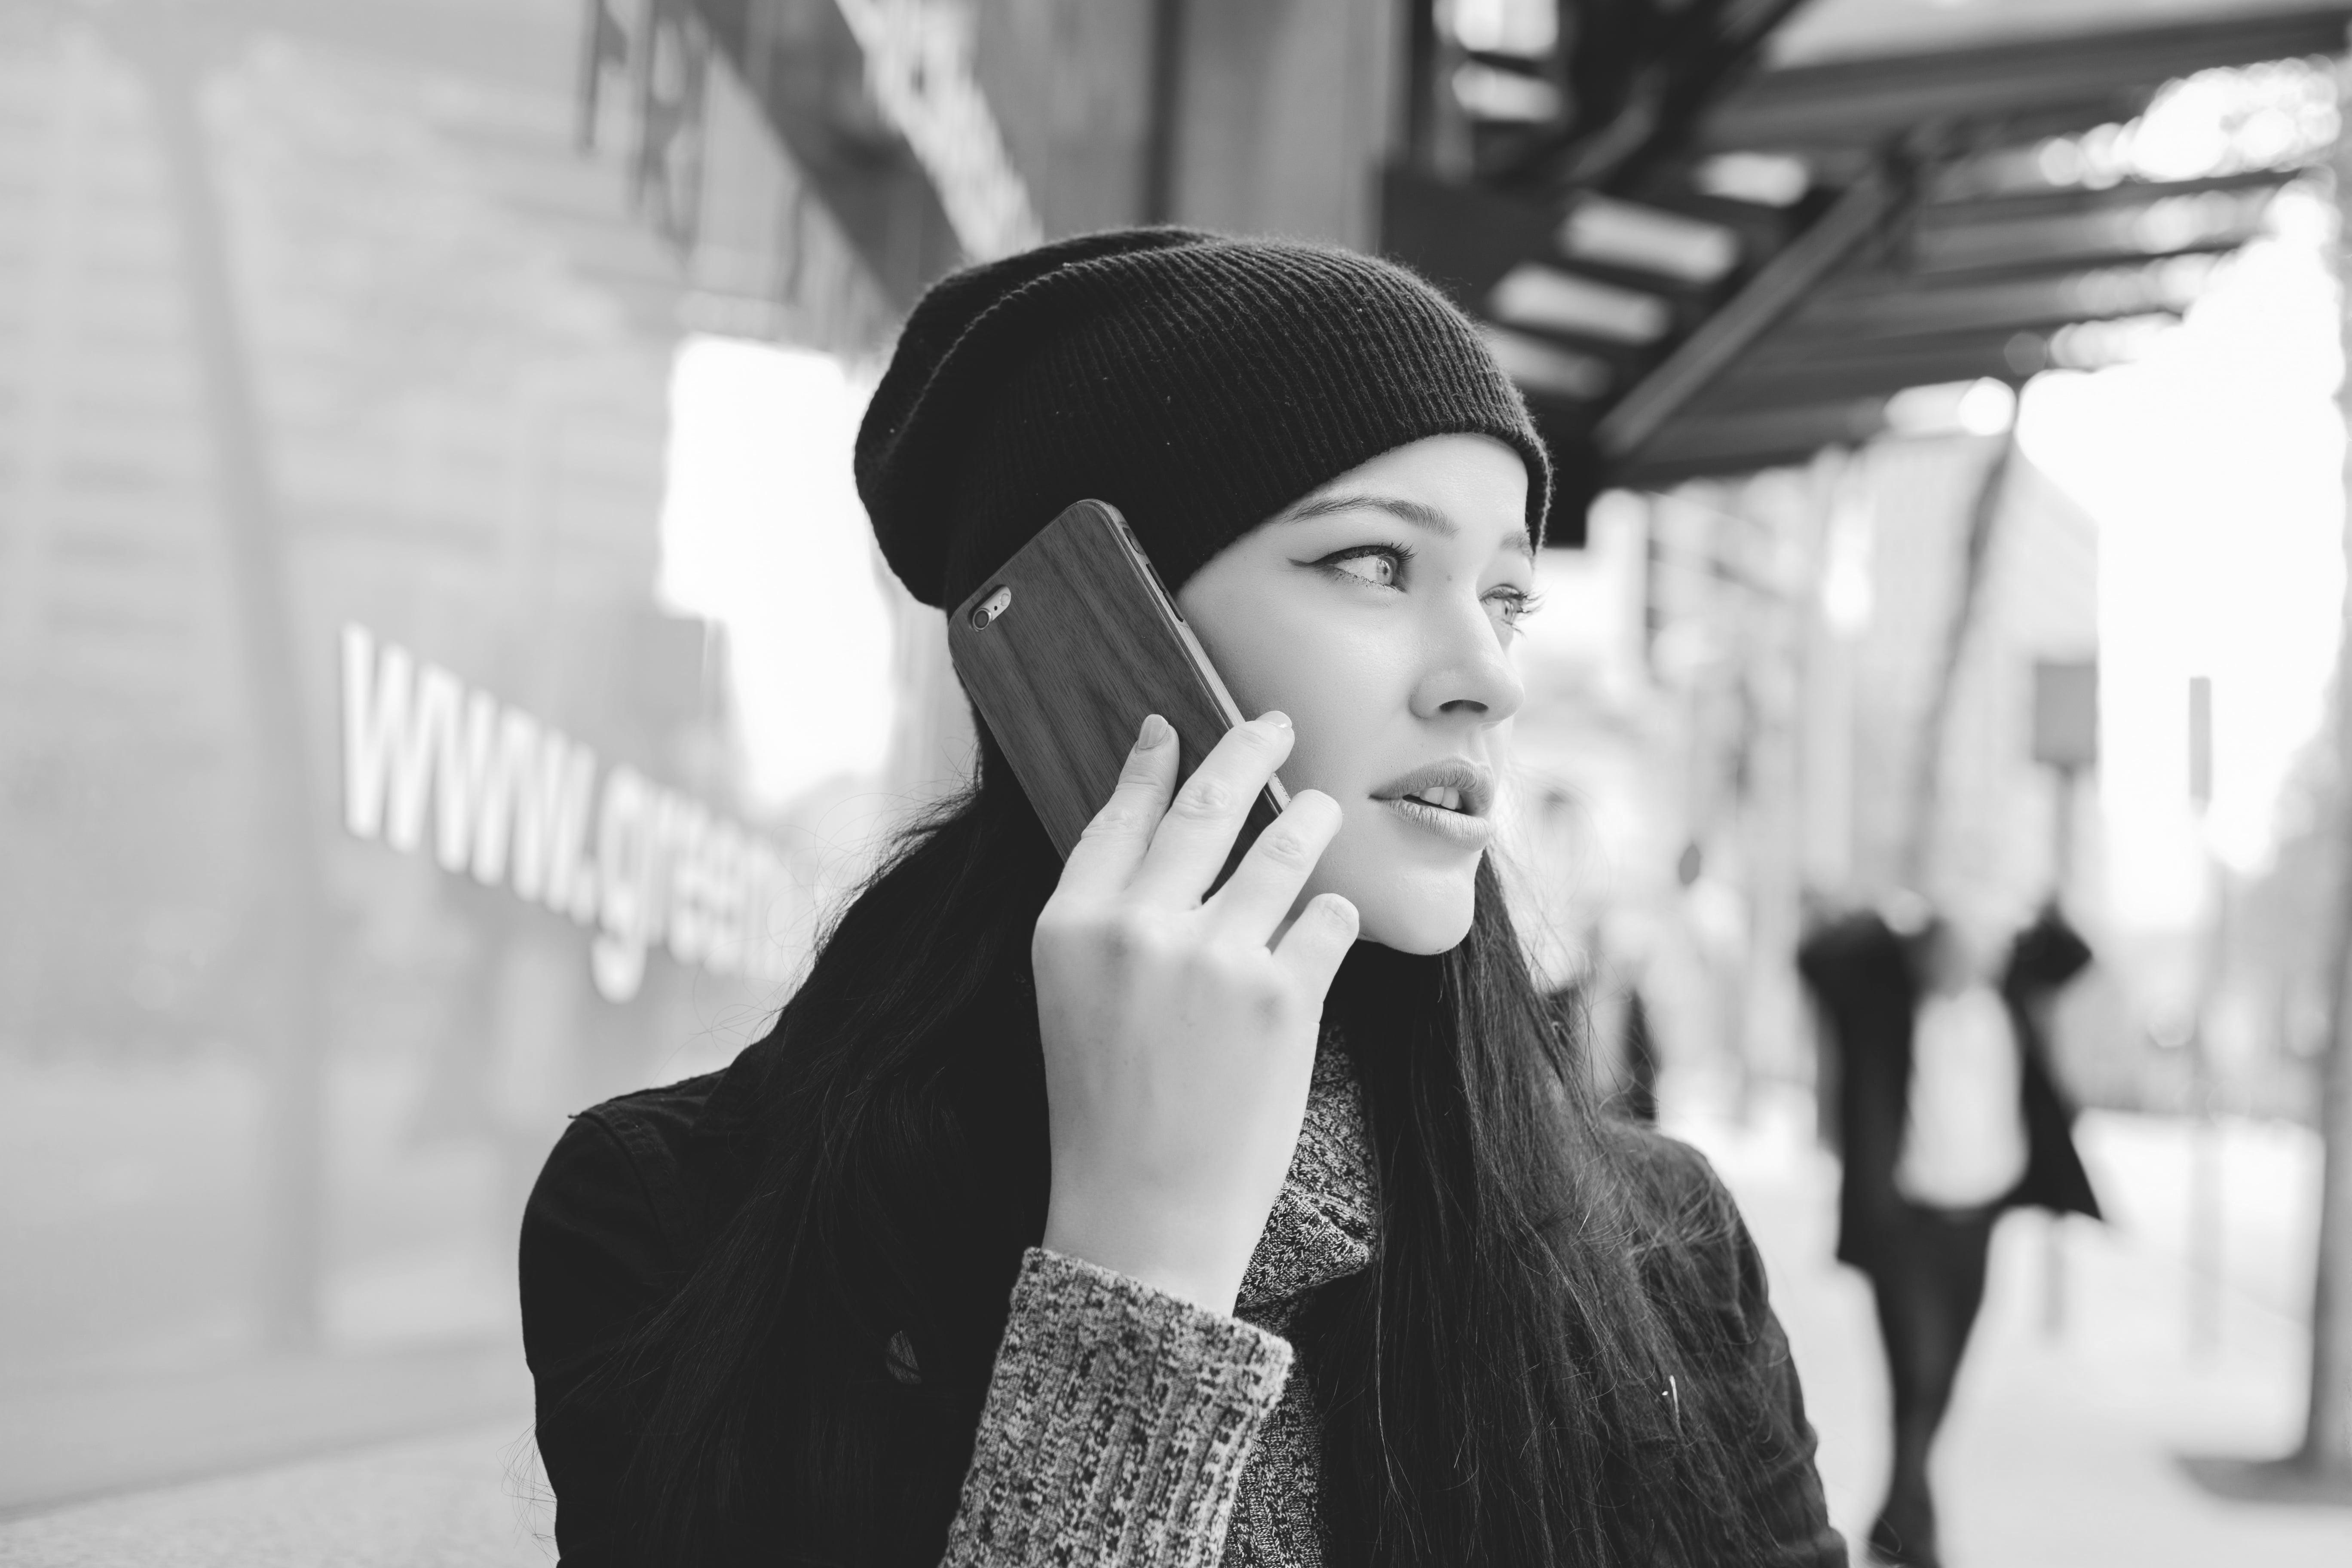 Teen Cell Phone Addiction